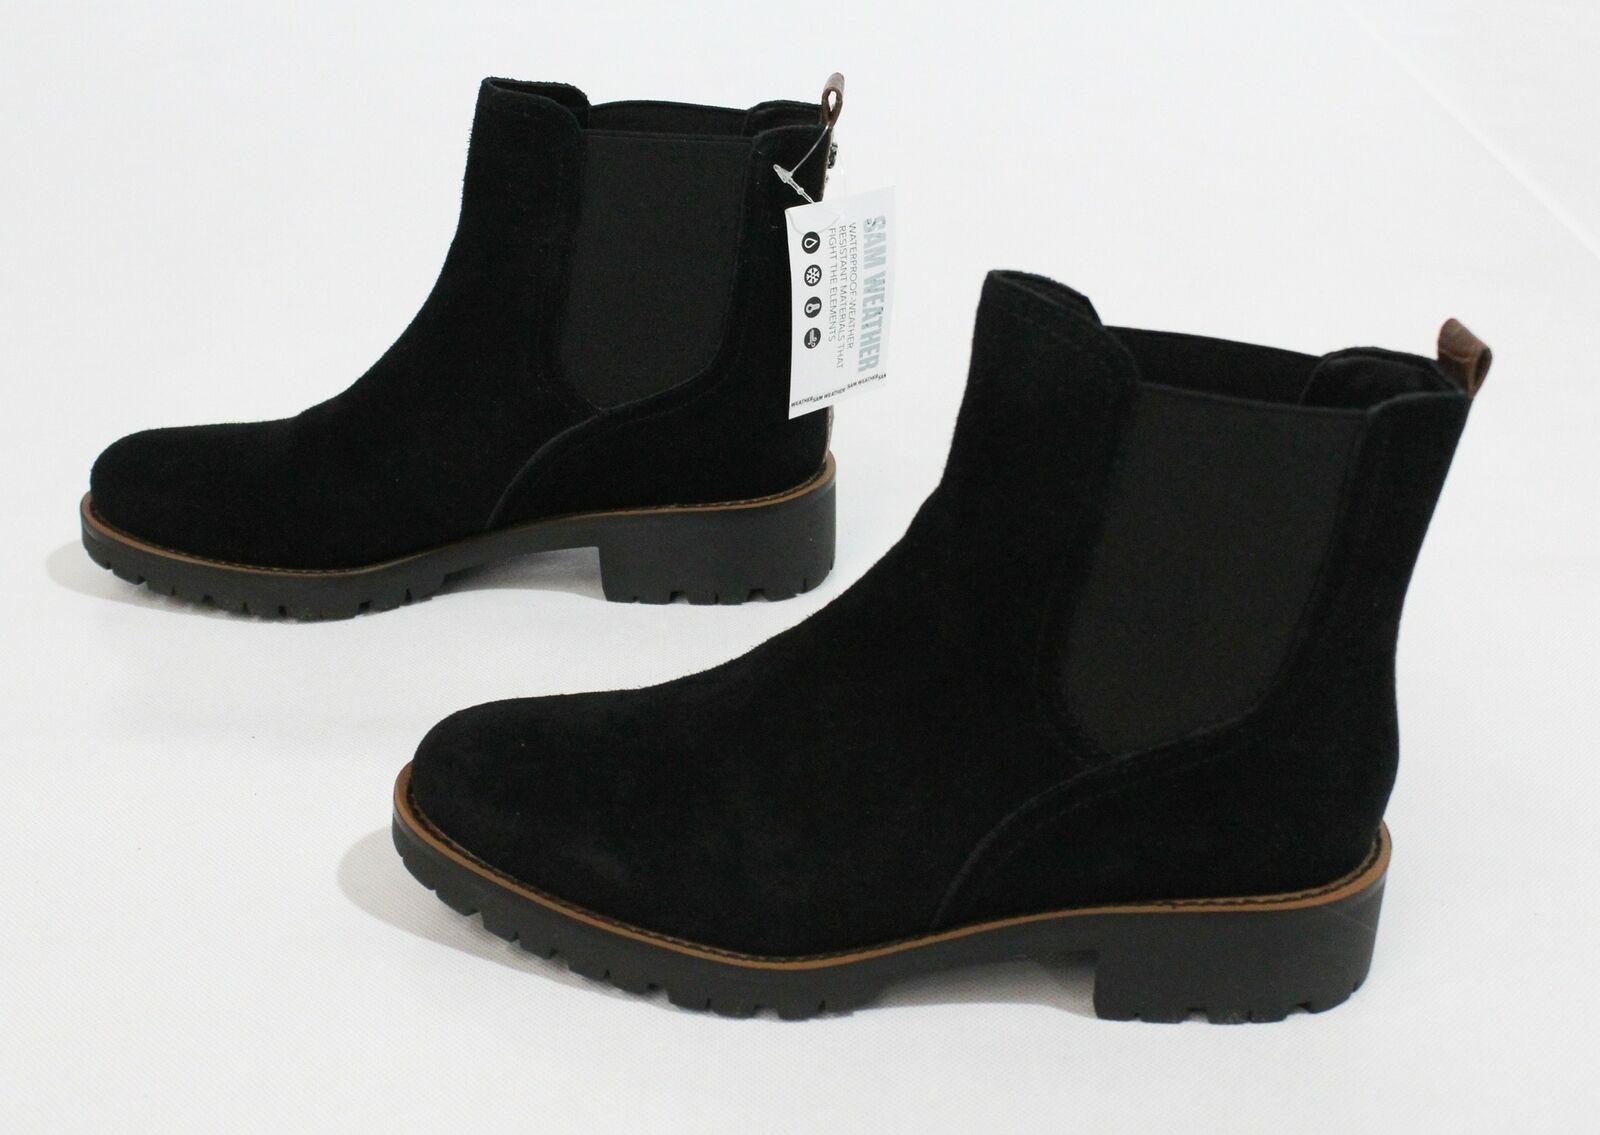 Sam Edelman Women's Jaclyn Waterproof Chelsea Bootie FR7 Black Suede Size US:7M